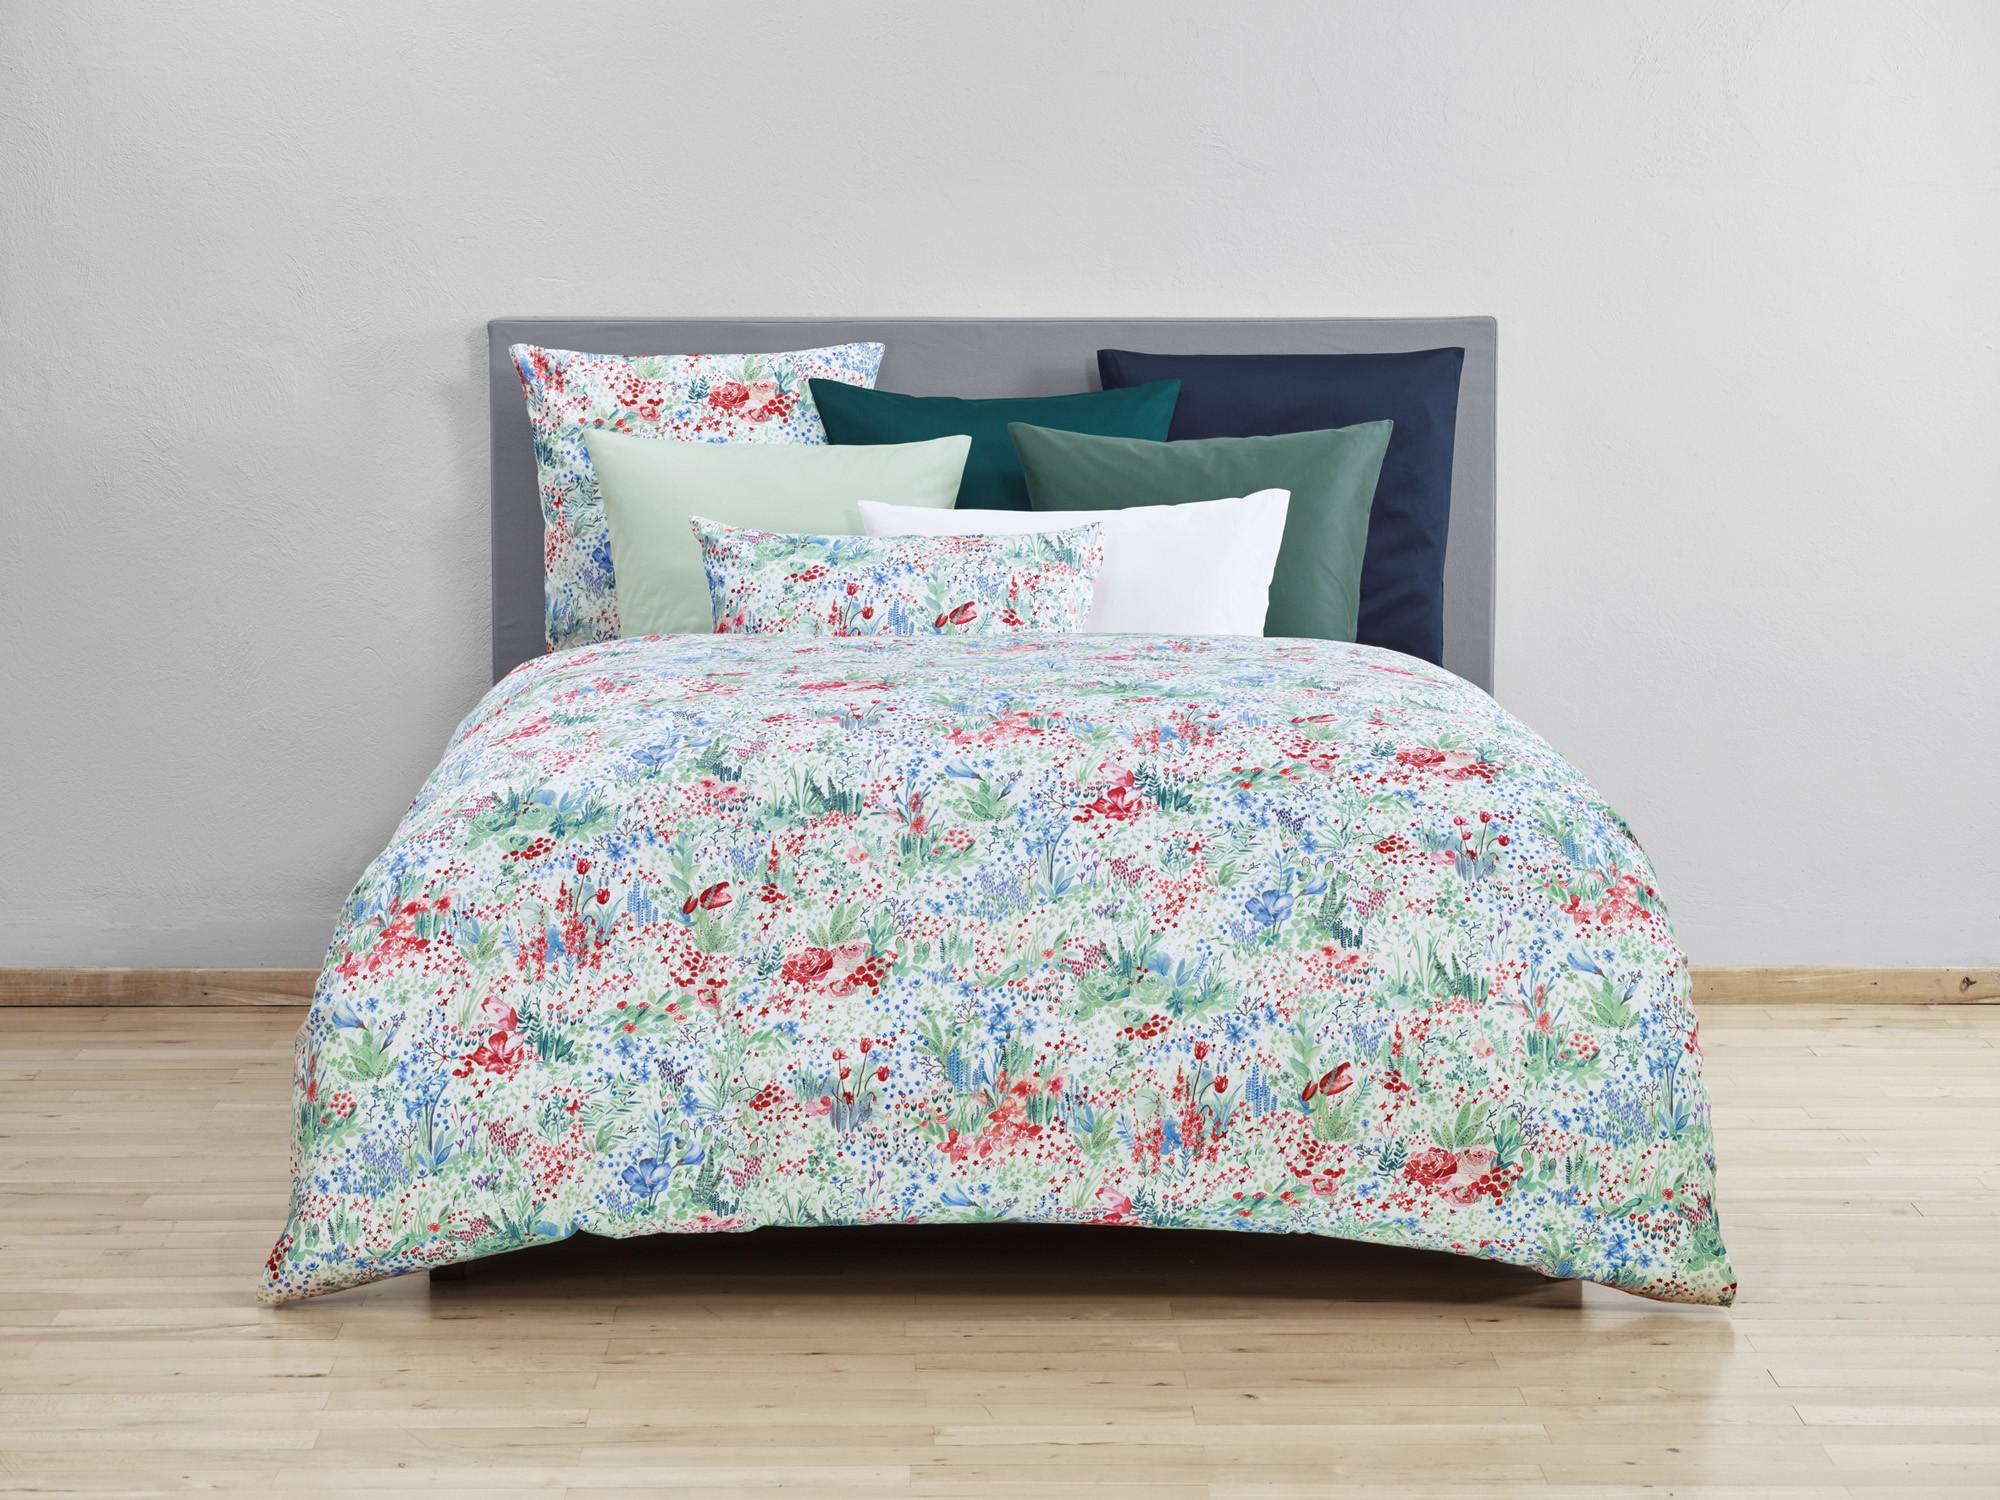 cf romanum 160 210cm produkte schlafen leinenweberei. Black Bedroom Furniture Sets. Home Design Ideas